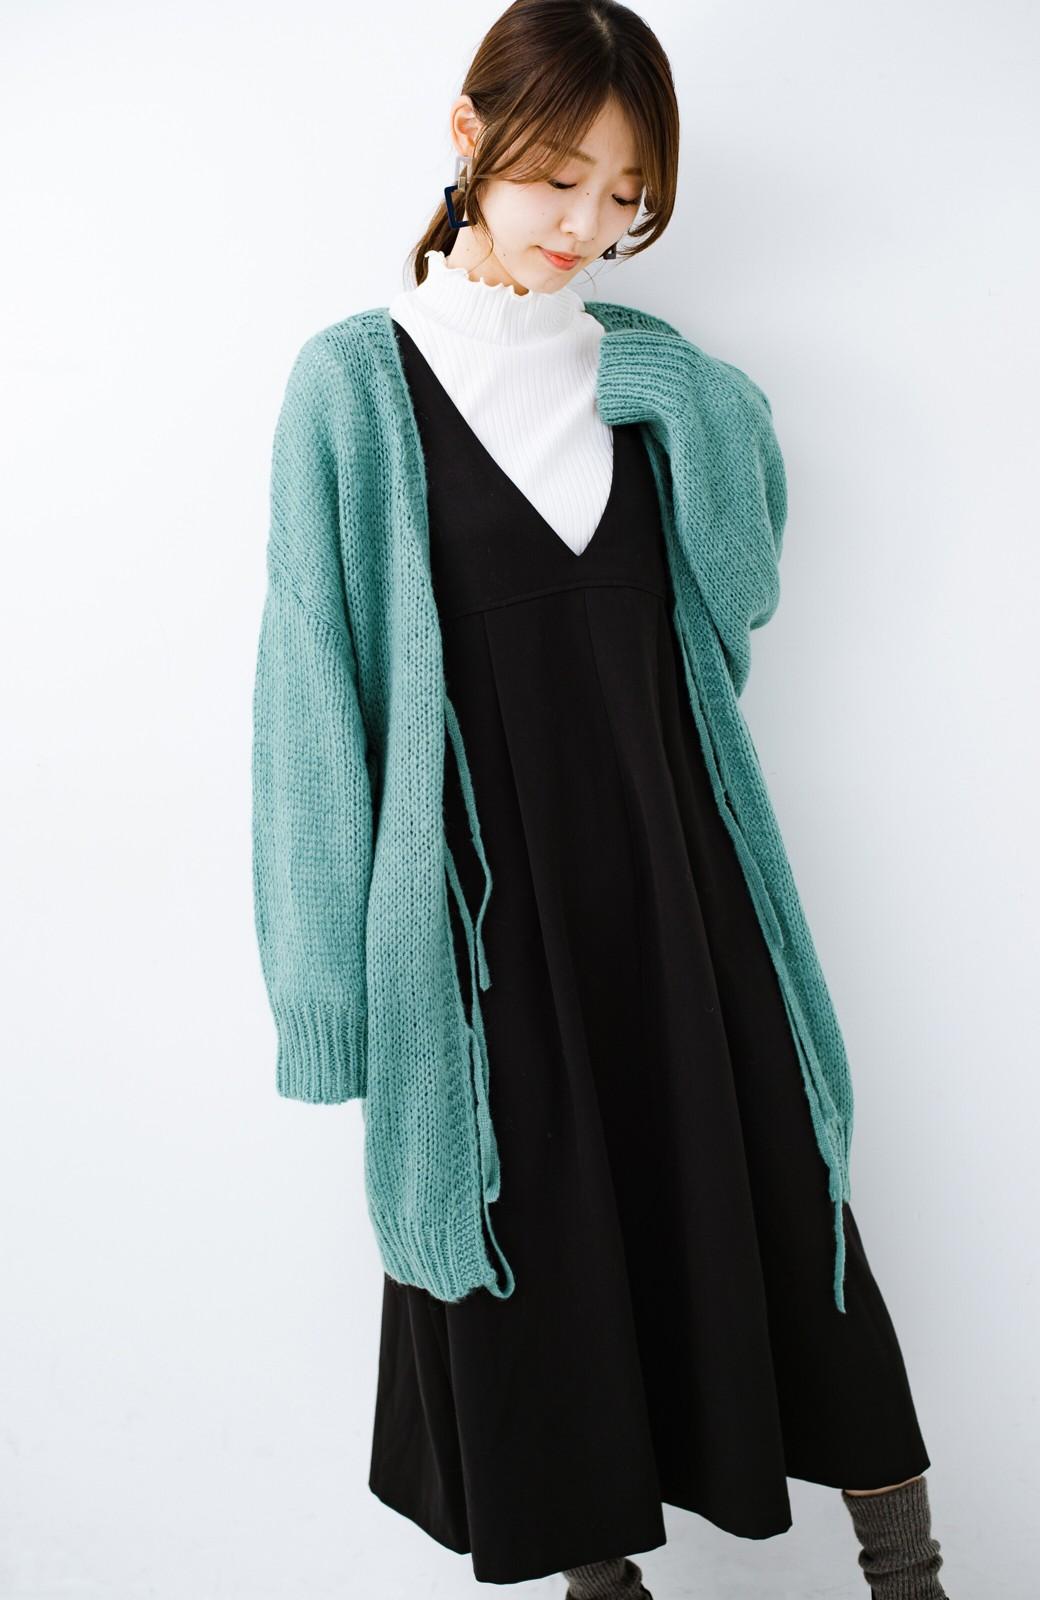 haco! ゆるゆるゆる編みで軽やかにかわいくなれる 前後ろ2WAYカーディガン <ミント>の商品写真2